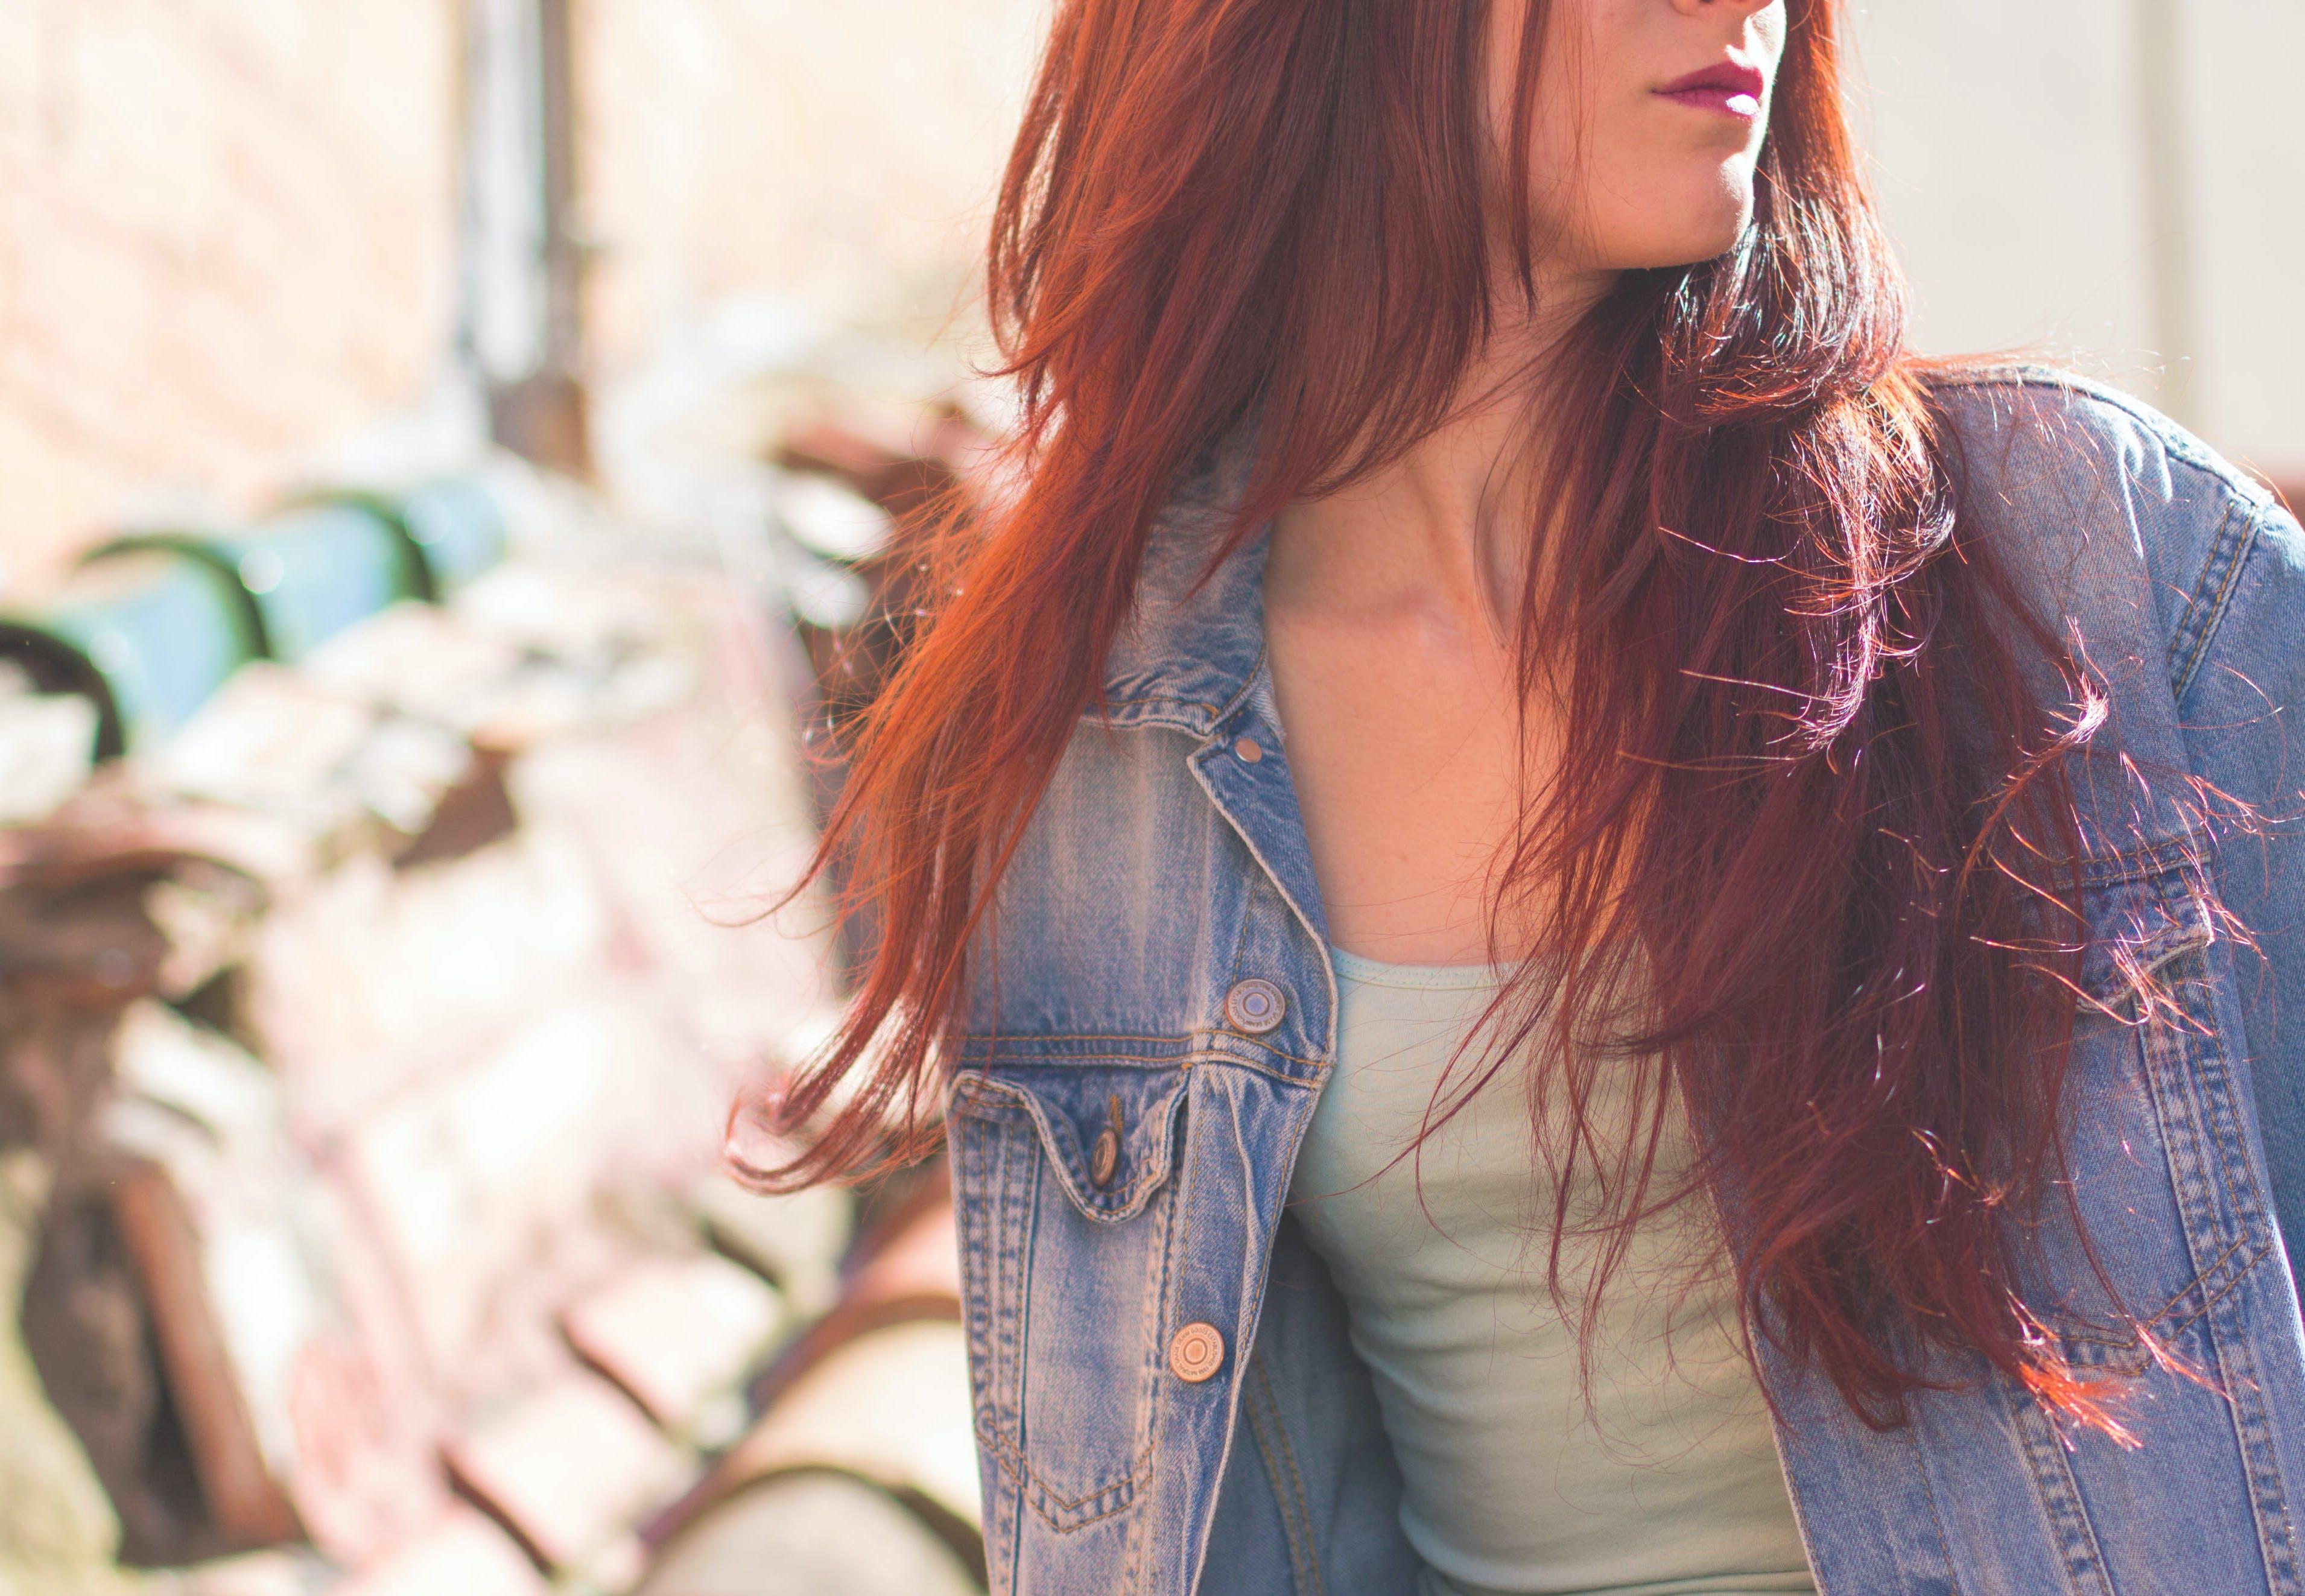 Kostenloses Stock Foto zu frau, haar, jacke, jeansjacke